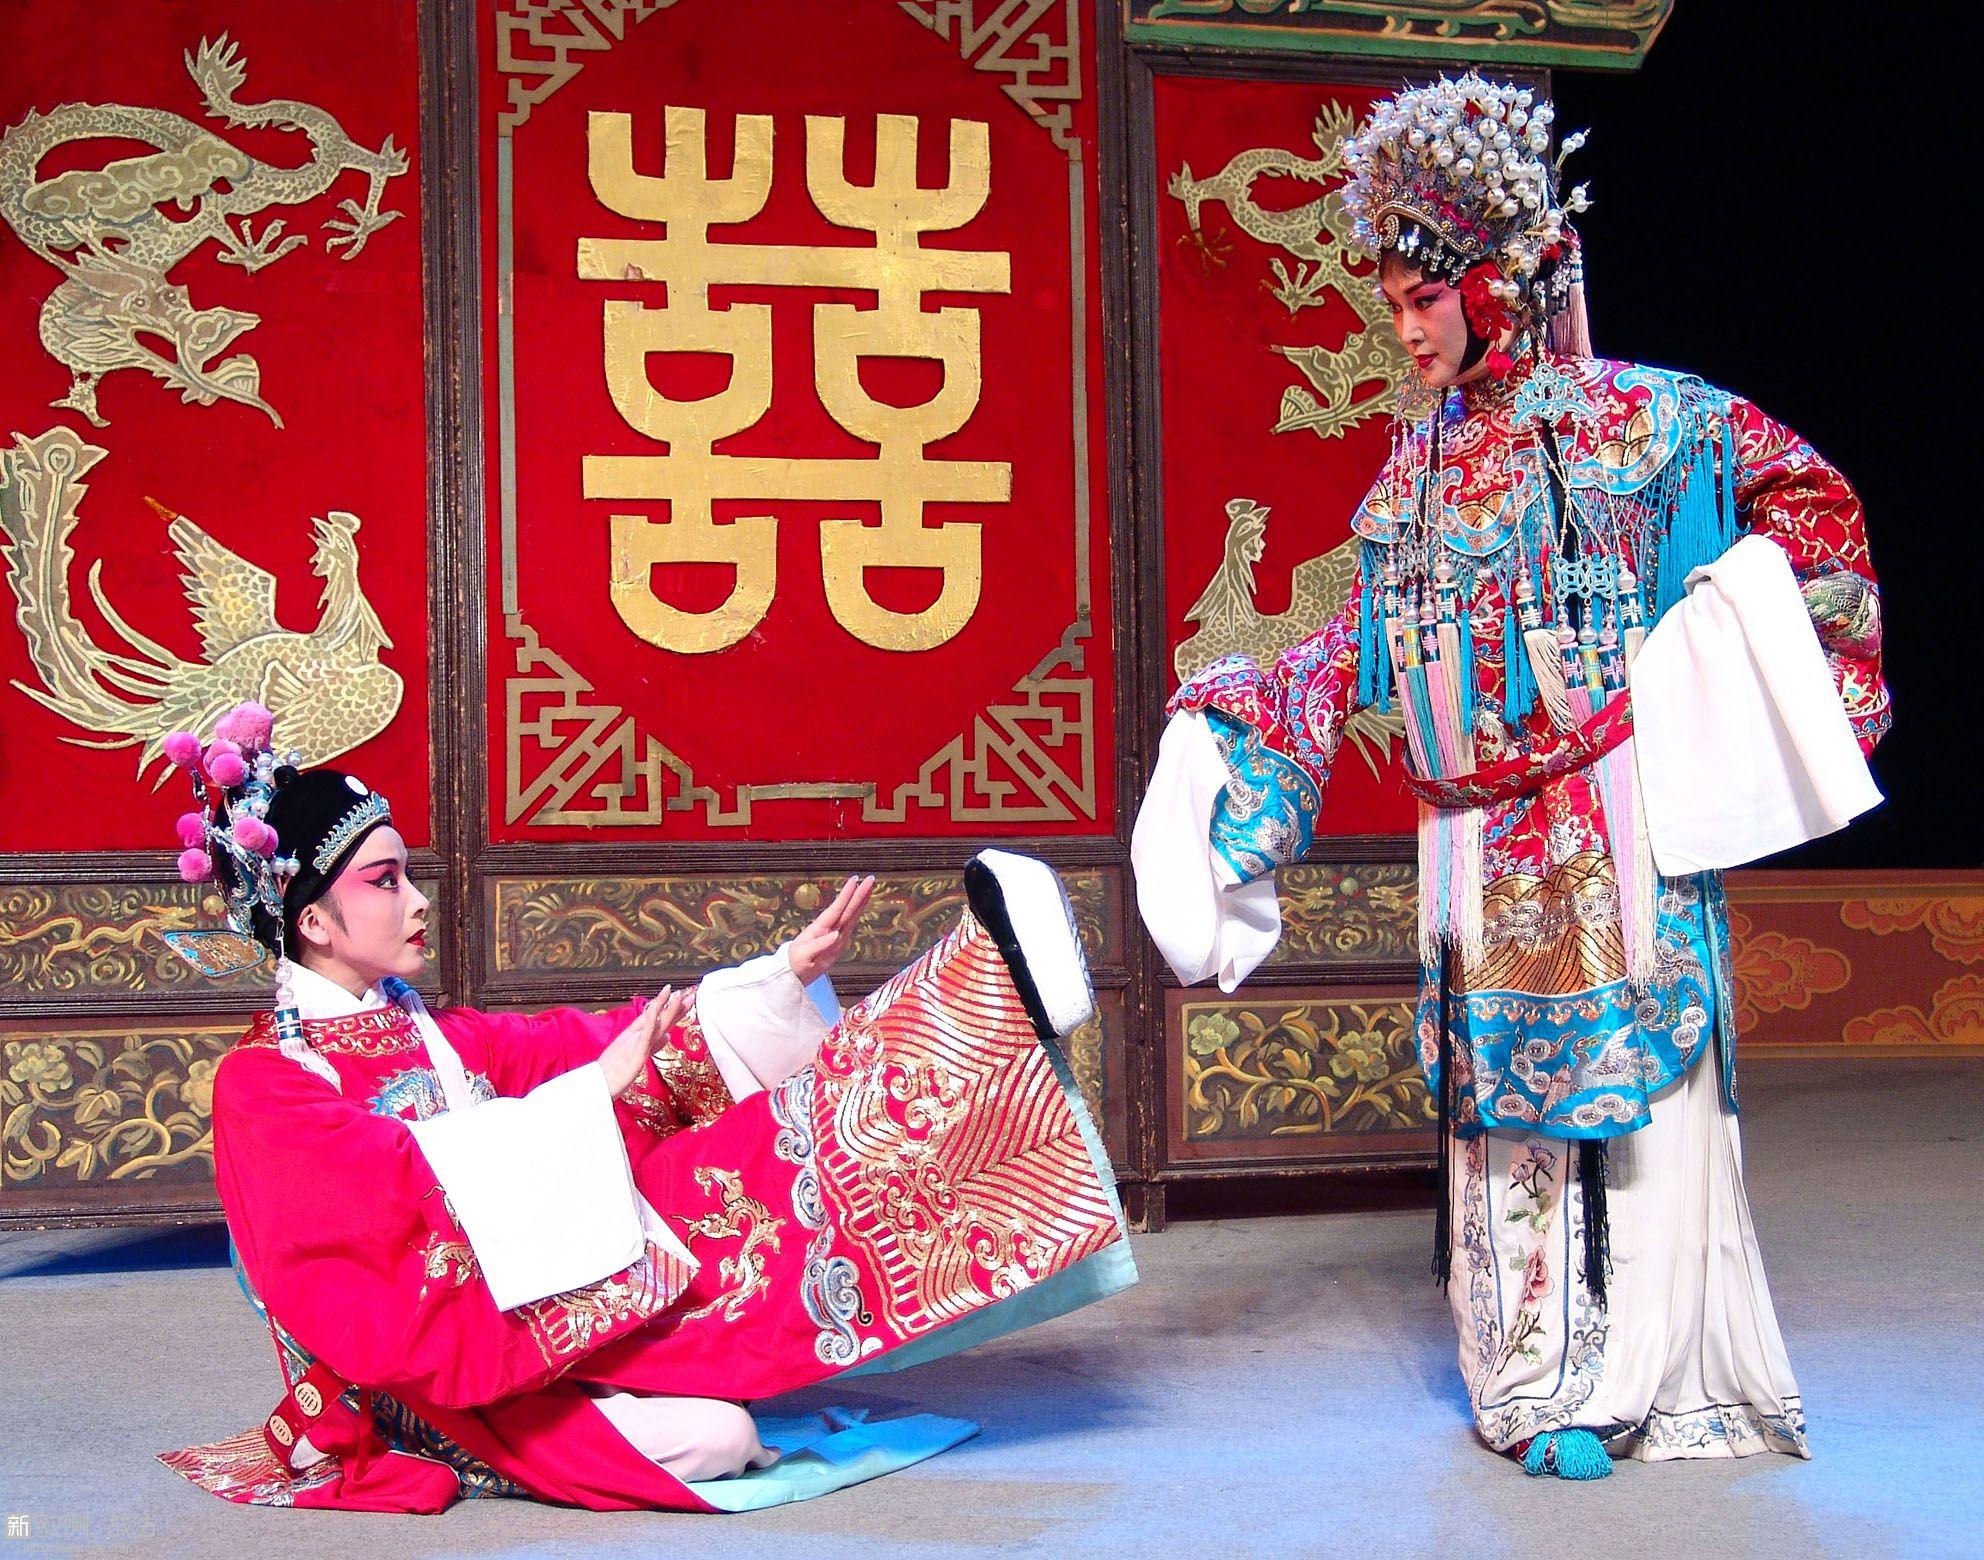 中国戏剧特点_中国传统戏曲的主要特点是什么_戏曲戏剧